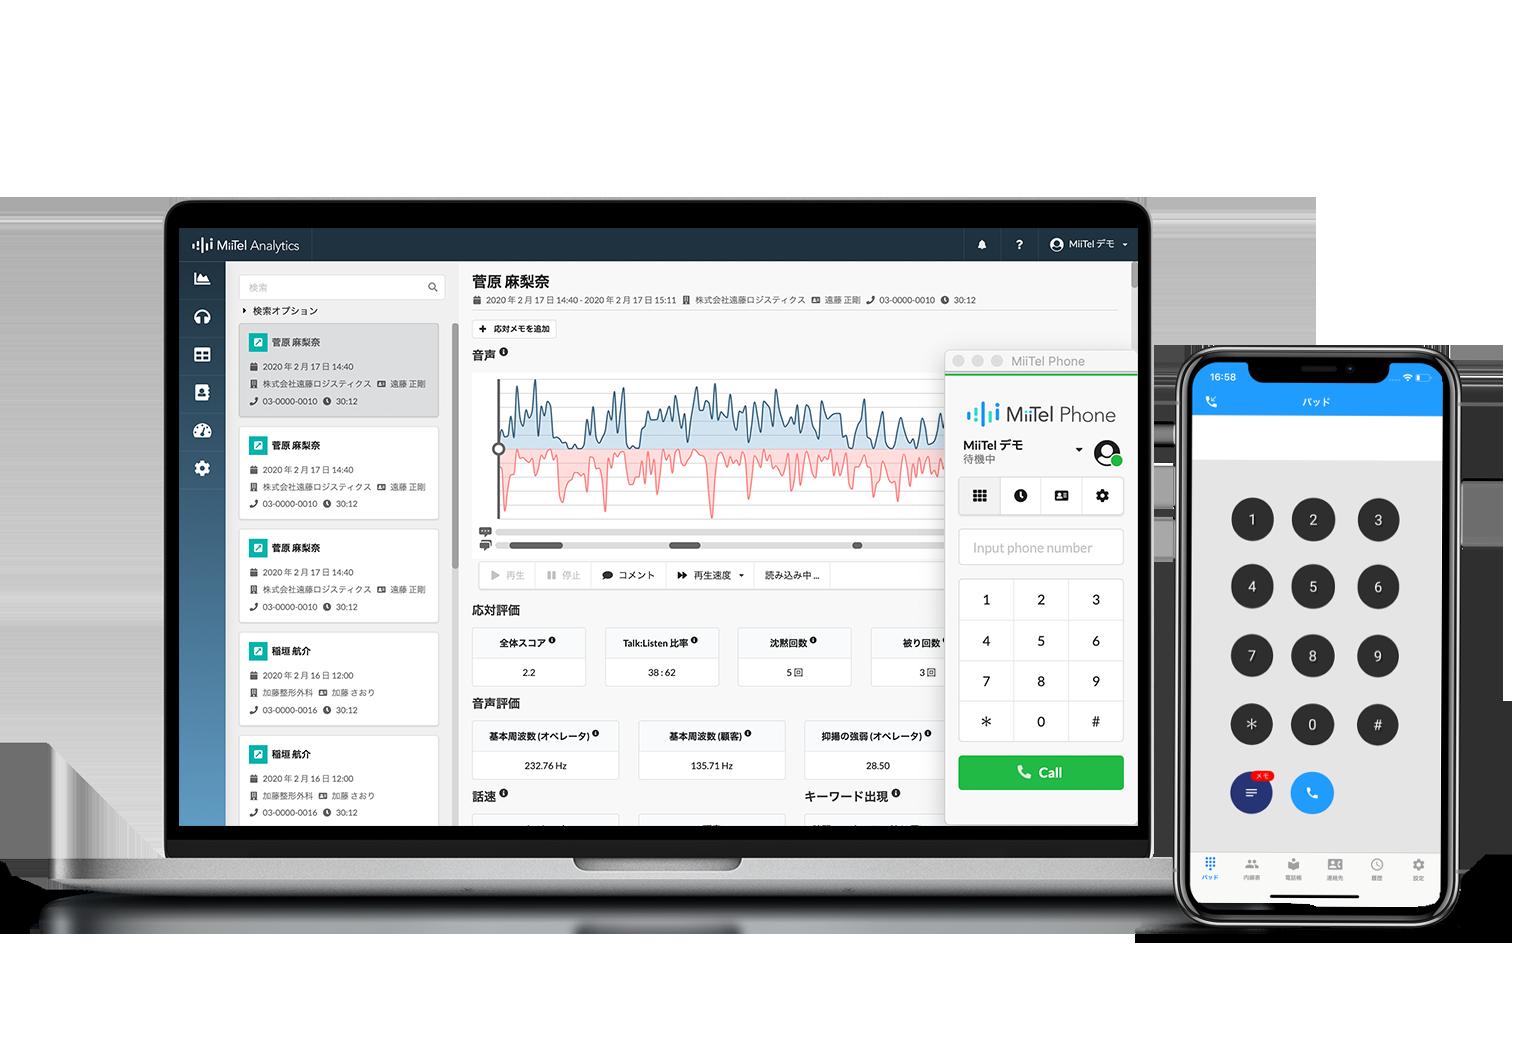 AI搭載クラウド電話MiiTelがHubSpotのSales Hubと連携開始